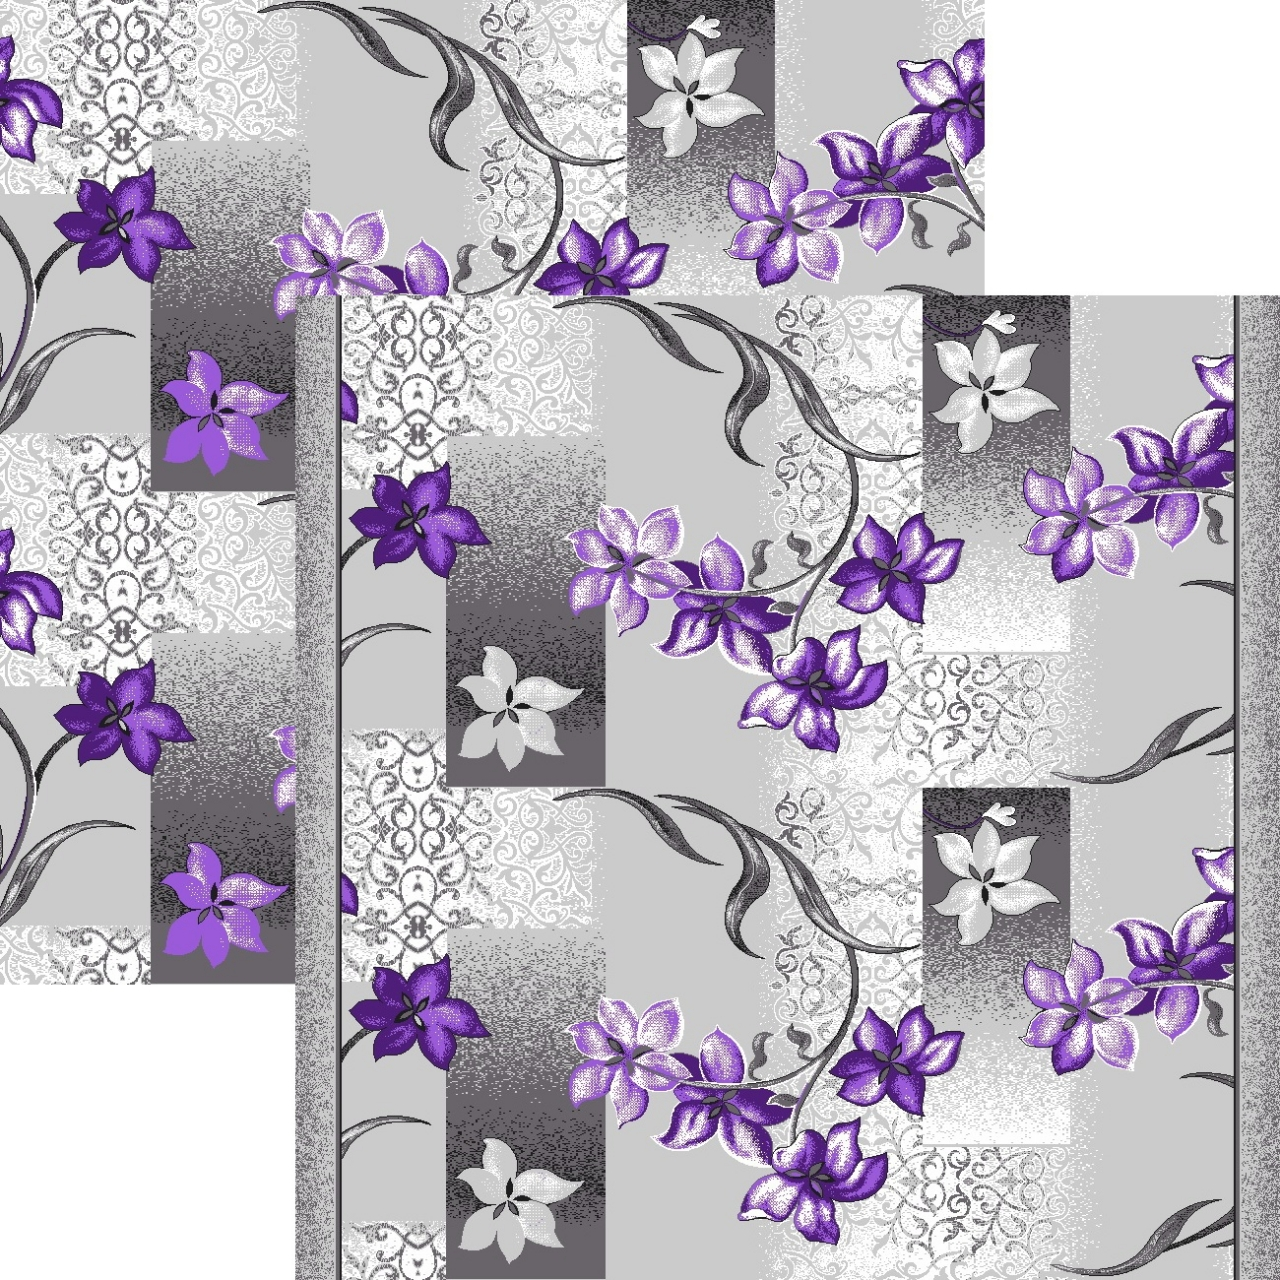 Ковровая дорожка p1236a2p - 50 - коллекция принт 8-ми цветное полотно